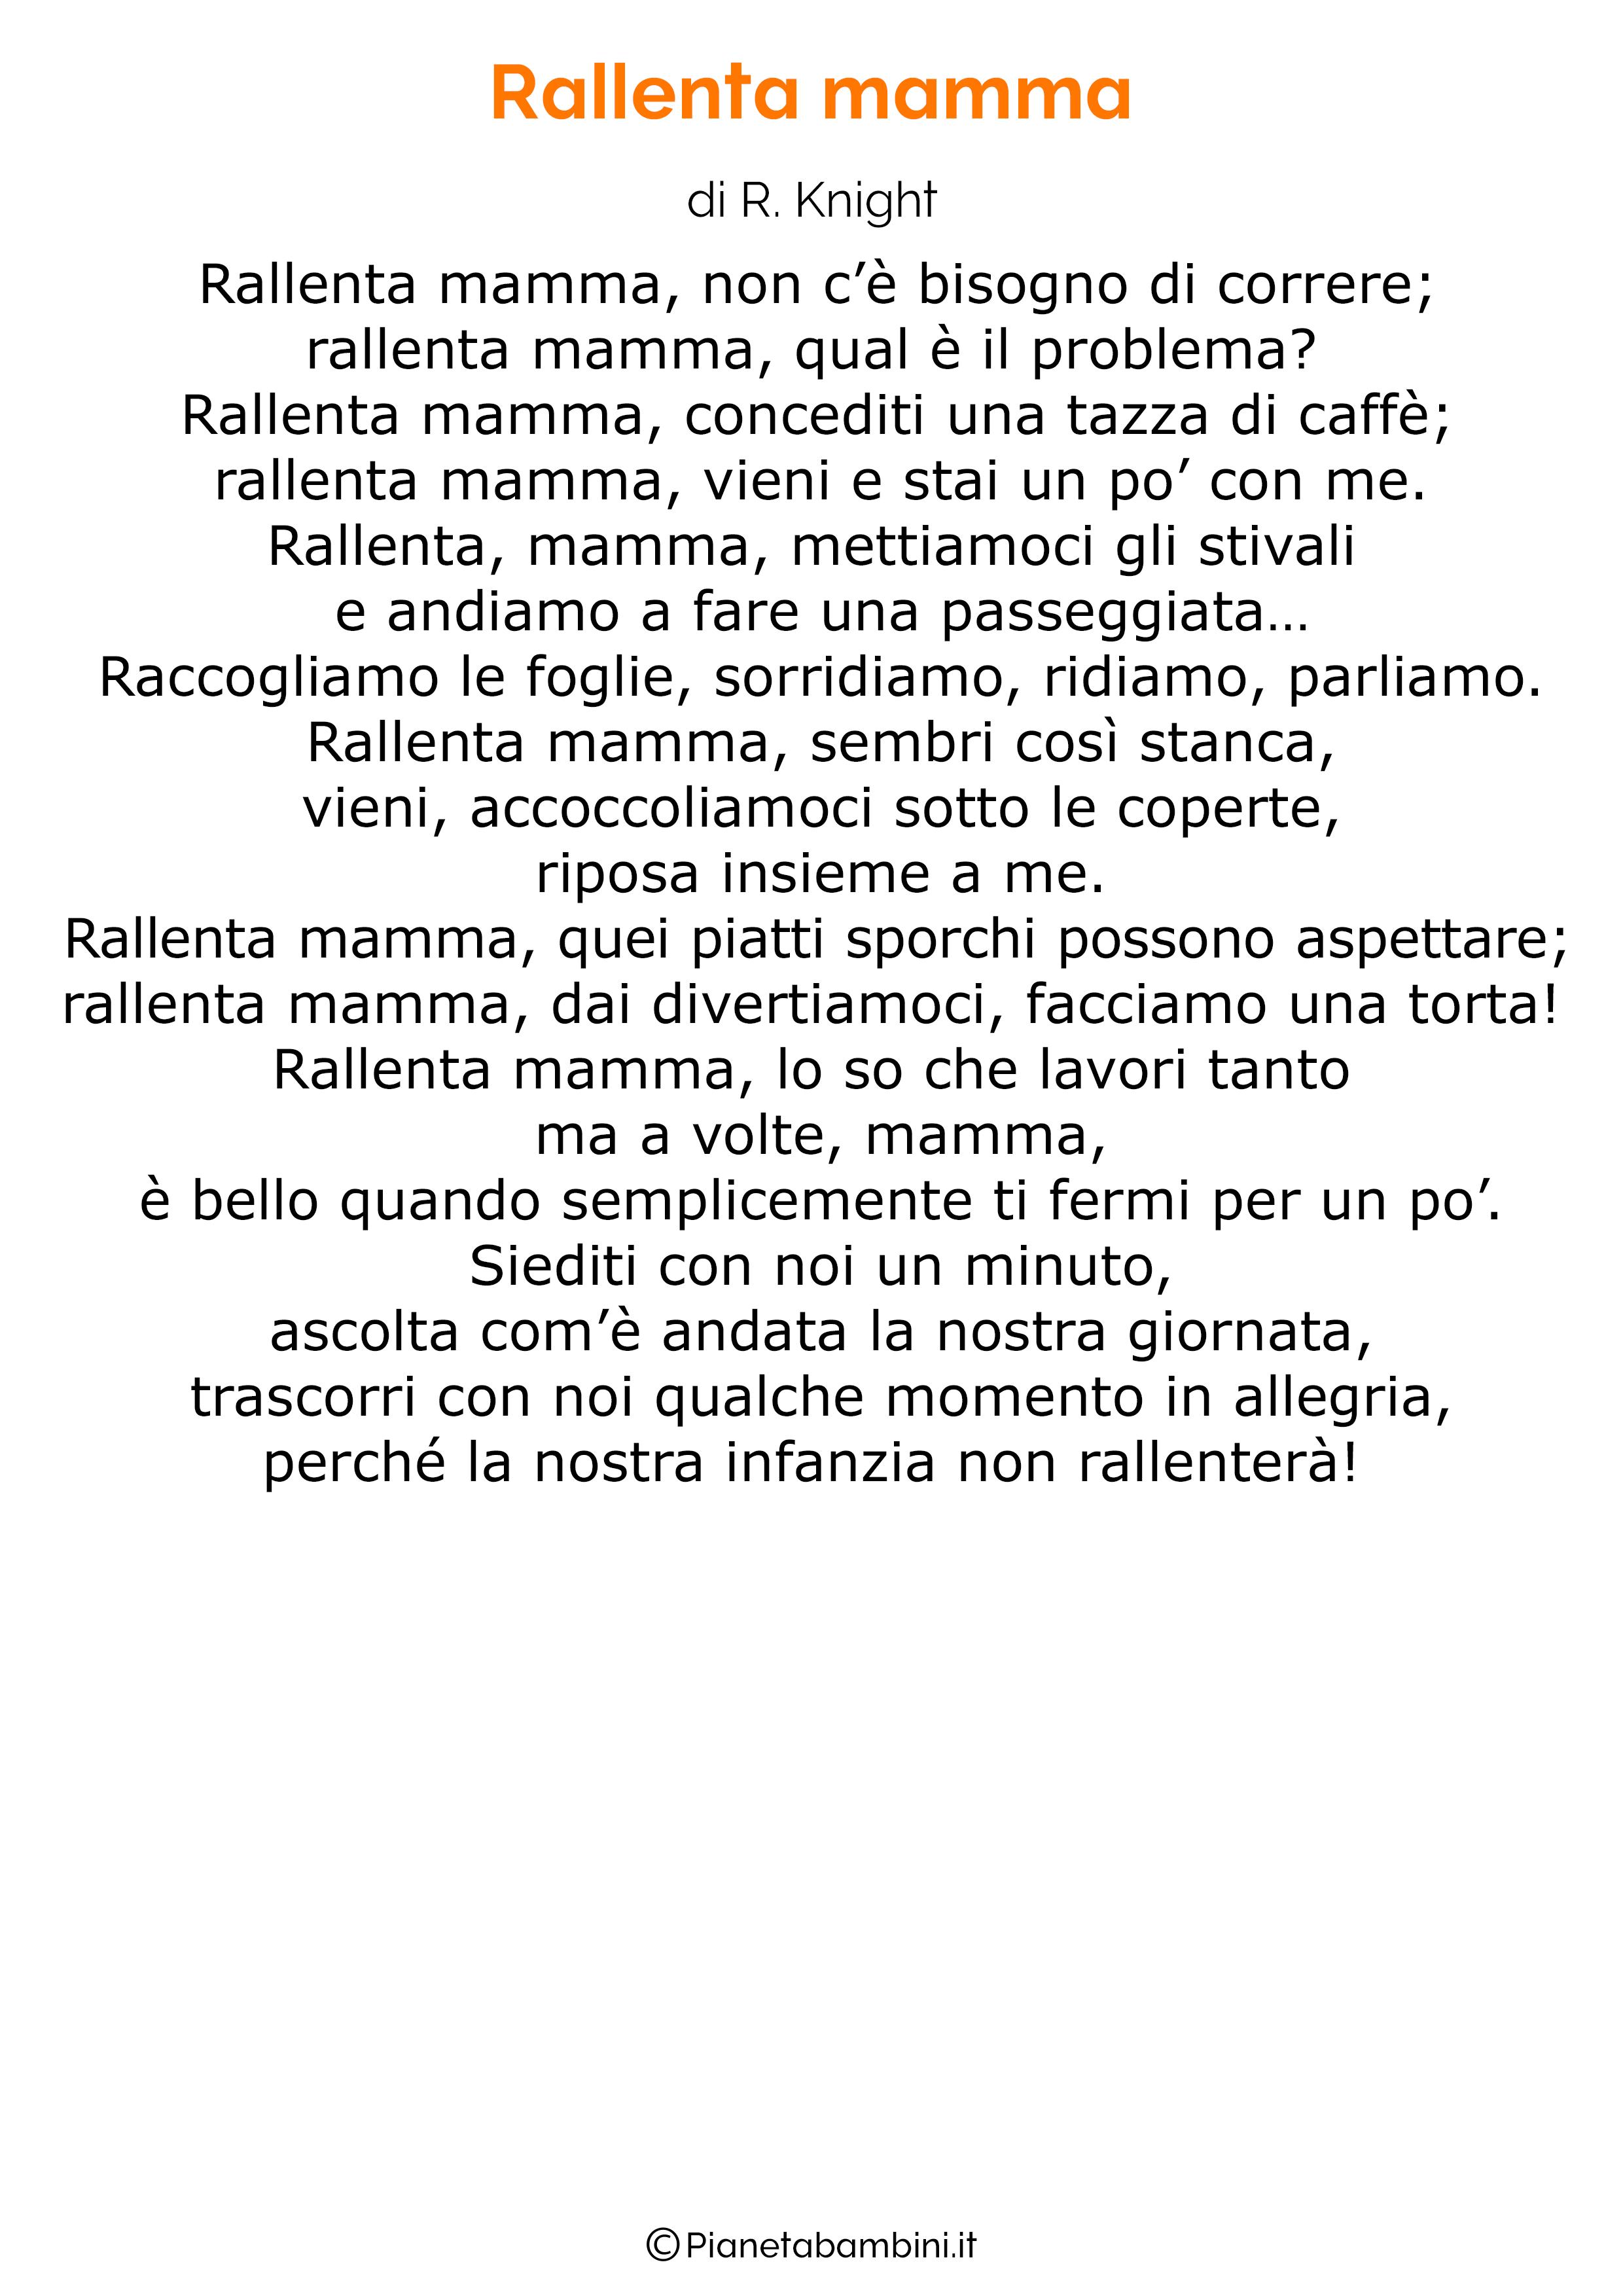 Poesia per la festa della mamma da stampare 33